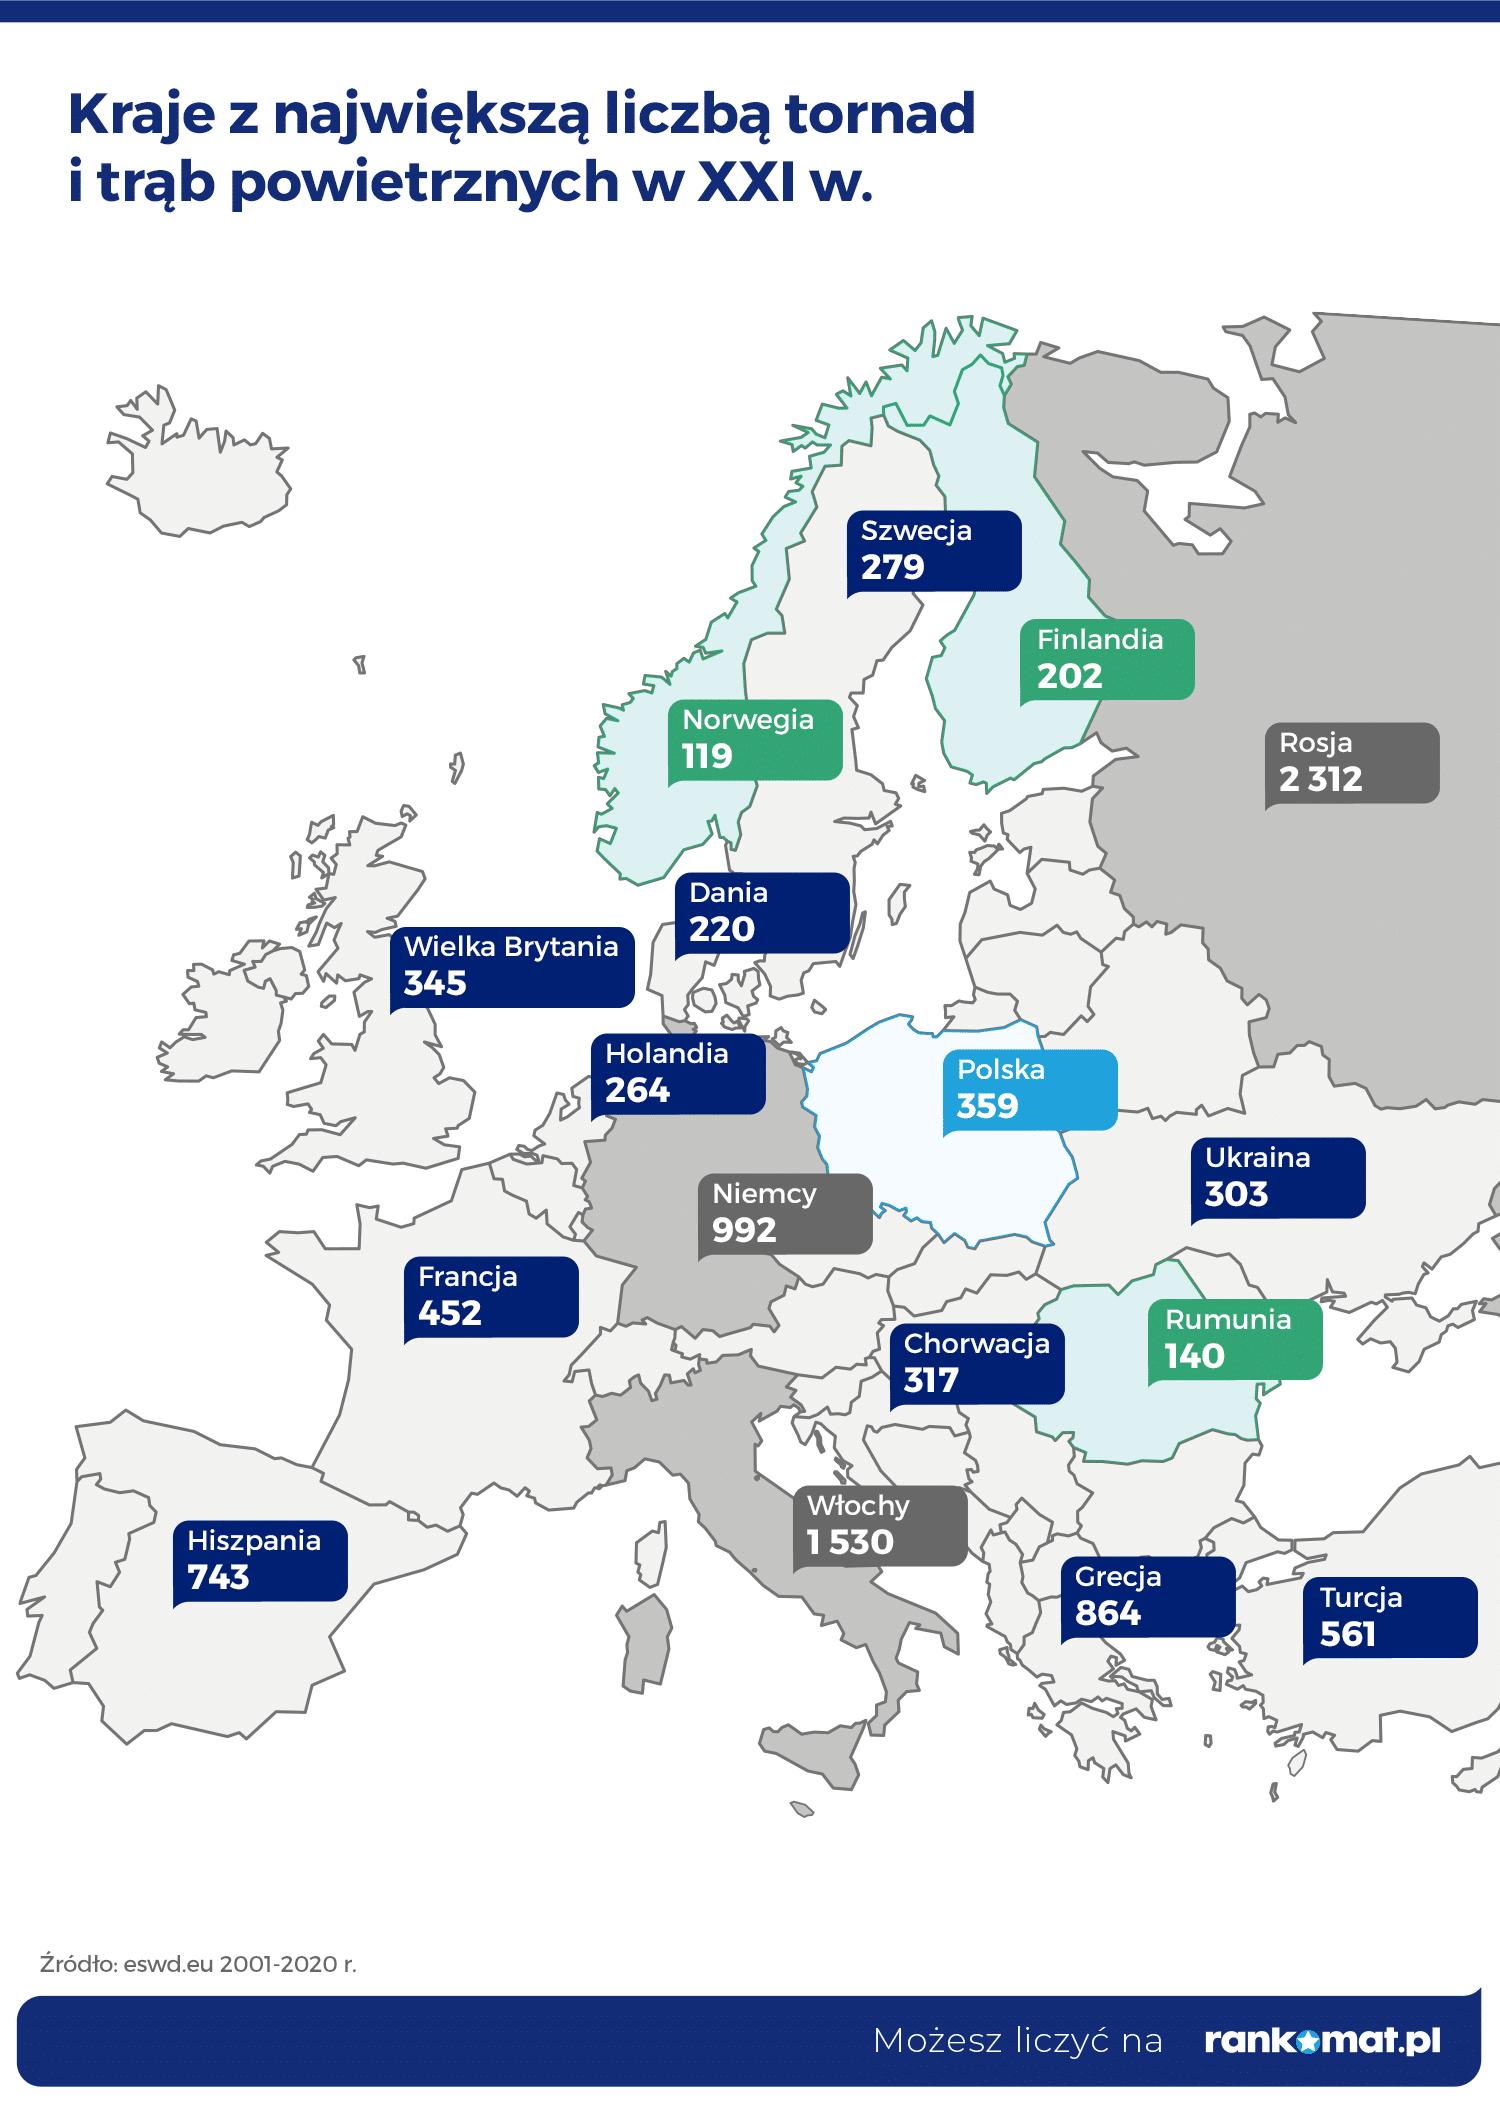 Kraje z największą liczbą tornad i trąb powietrznych w XXI w